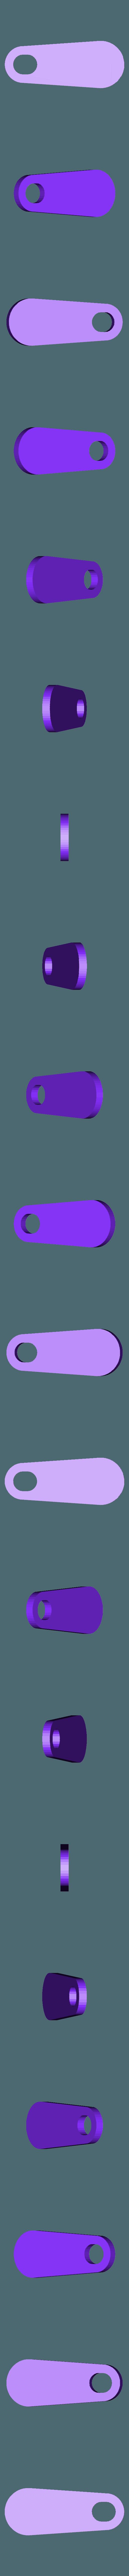 ZipPull01.stl Télécharger fichier STL gratuit Tirage de la fermeture éclair pour les bagages • Objet pour impression 3D, peaberry